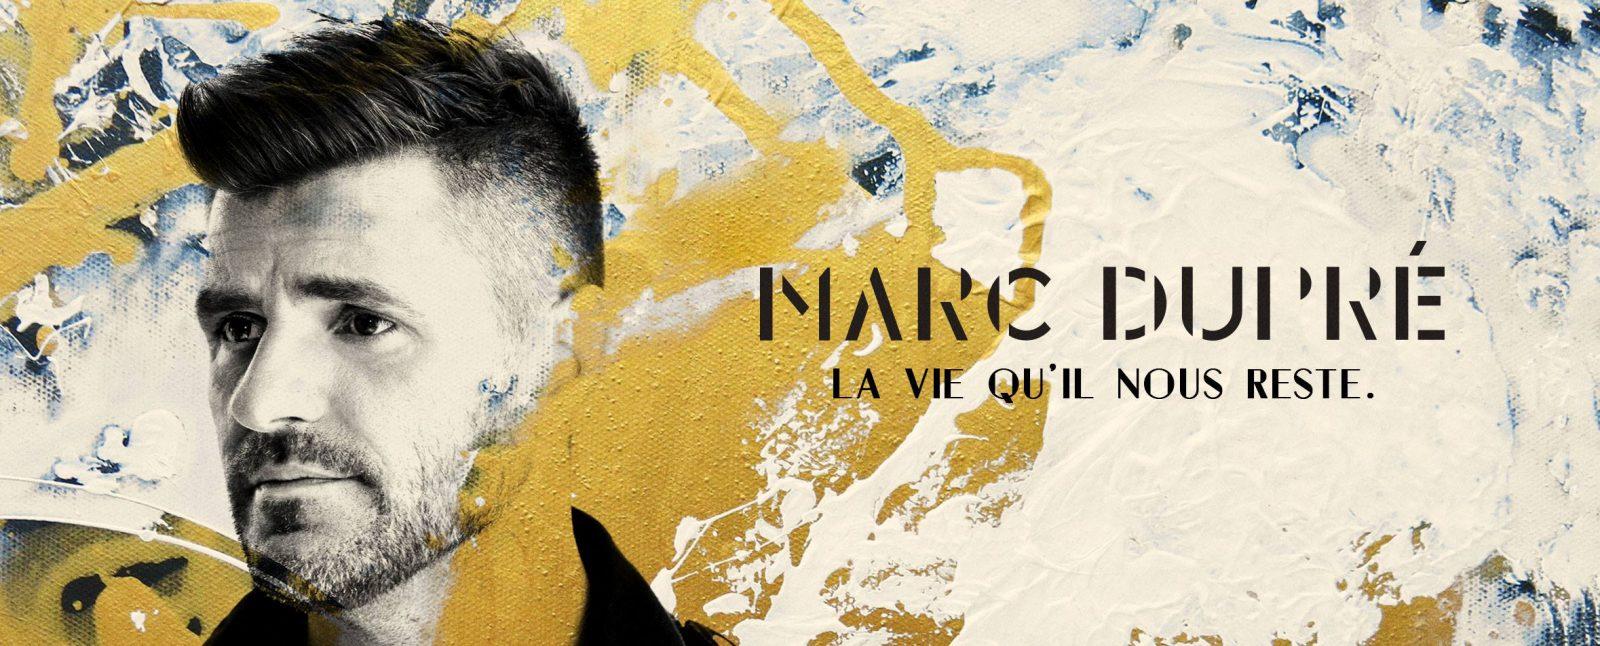 Marc Dupré : rester fort pour réaliser ses rêves